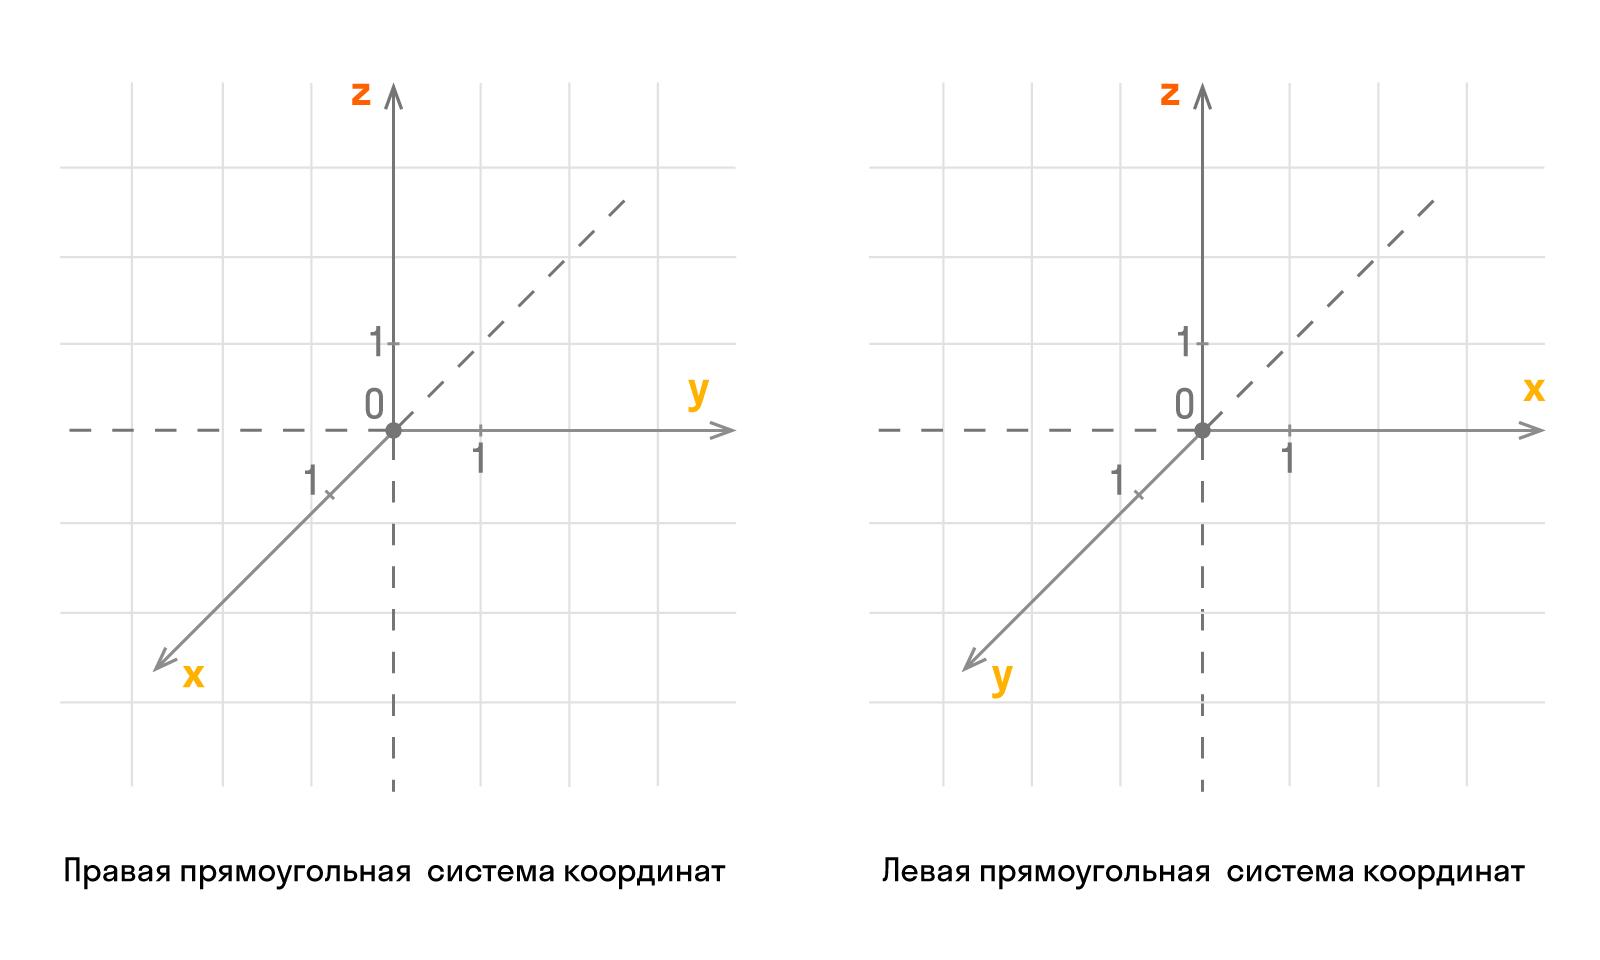 Прямоугольная система координат в трехмерном пространстве